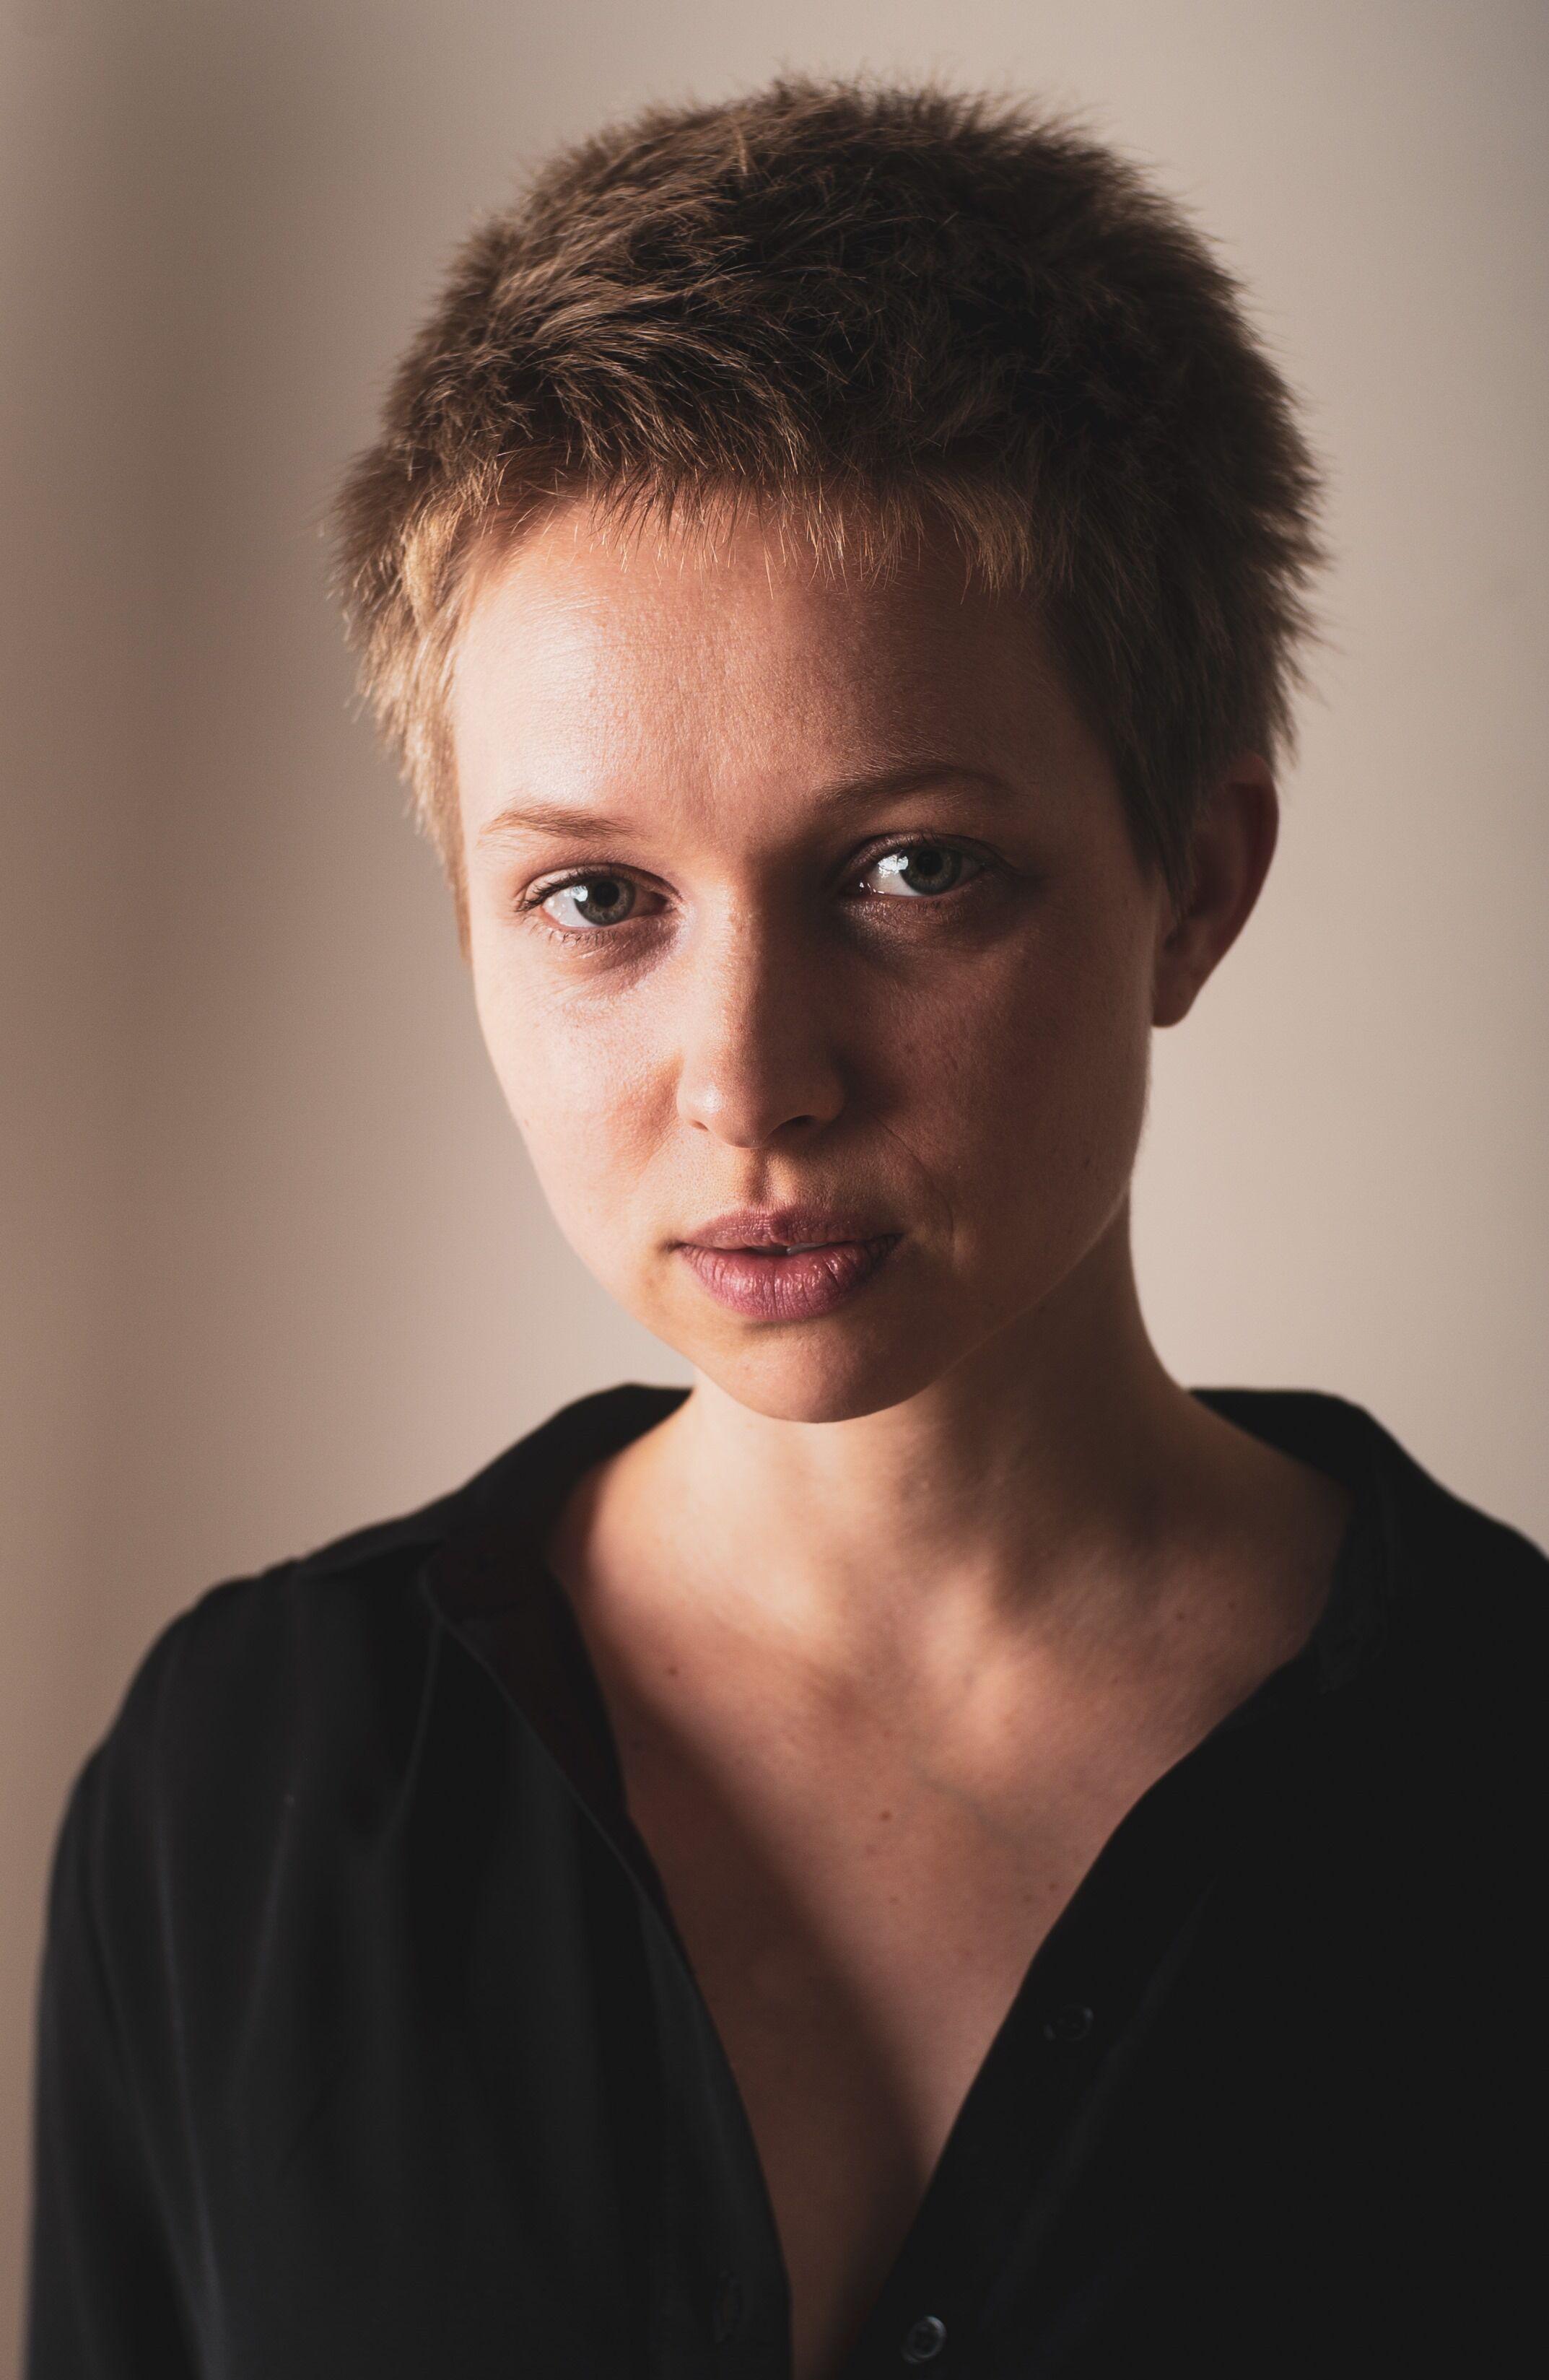 Ceri Ashe, Actor, London, UK